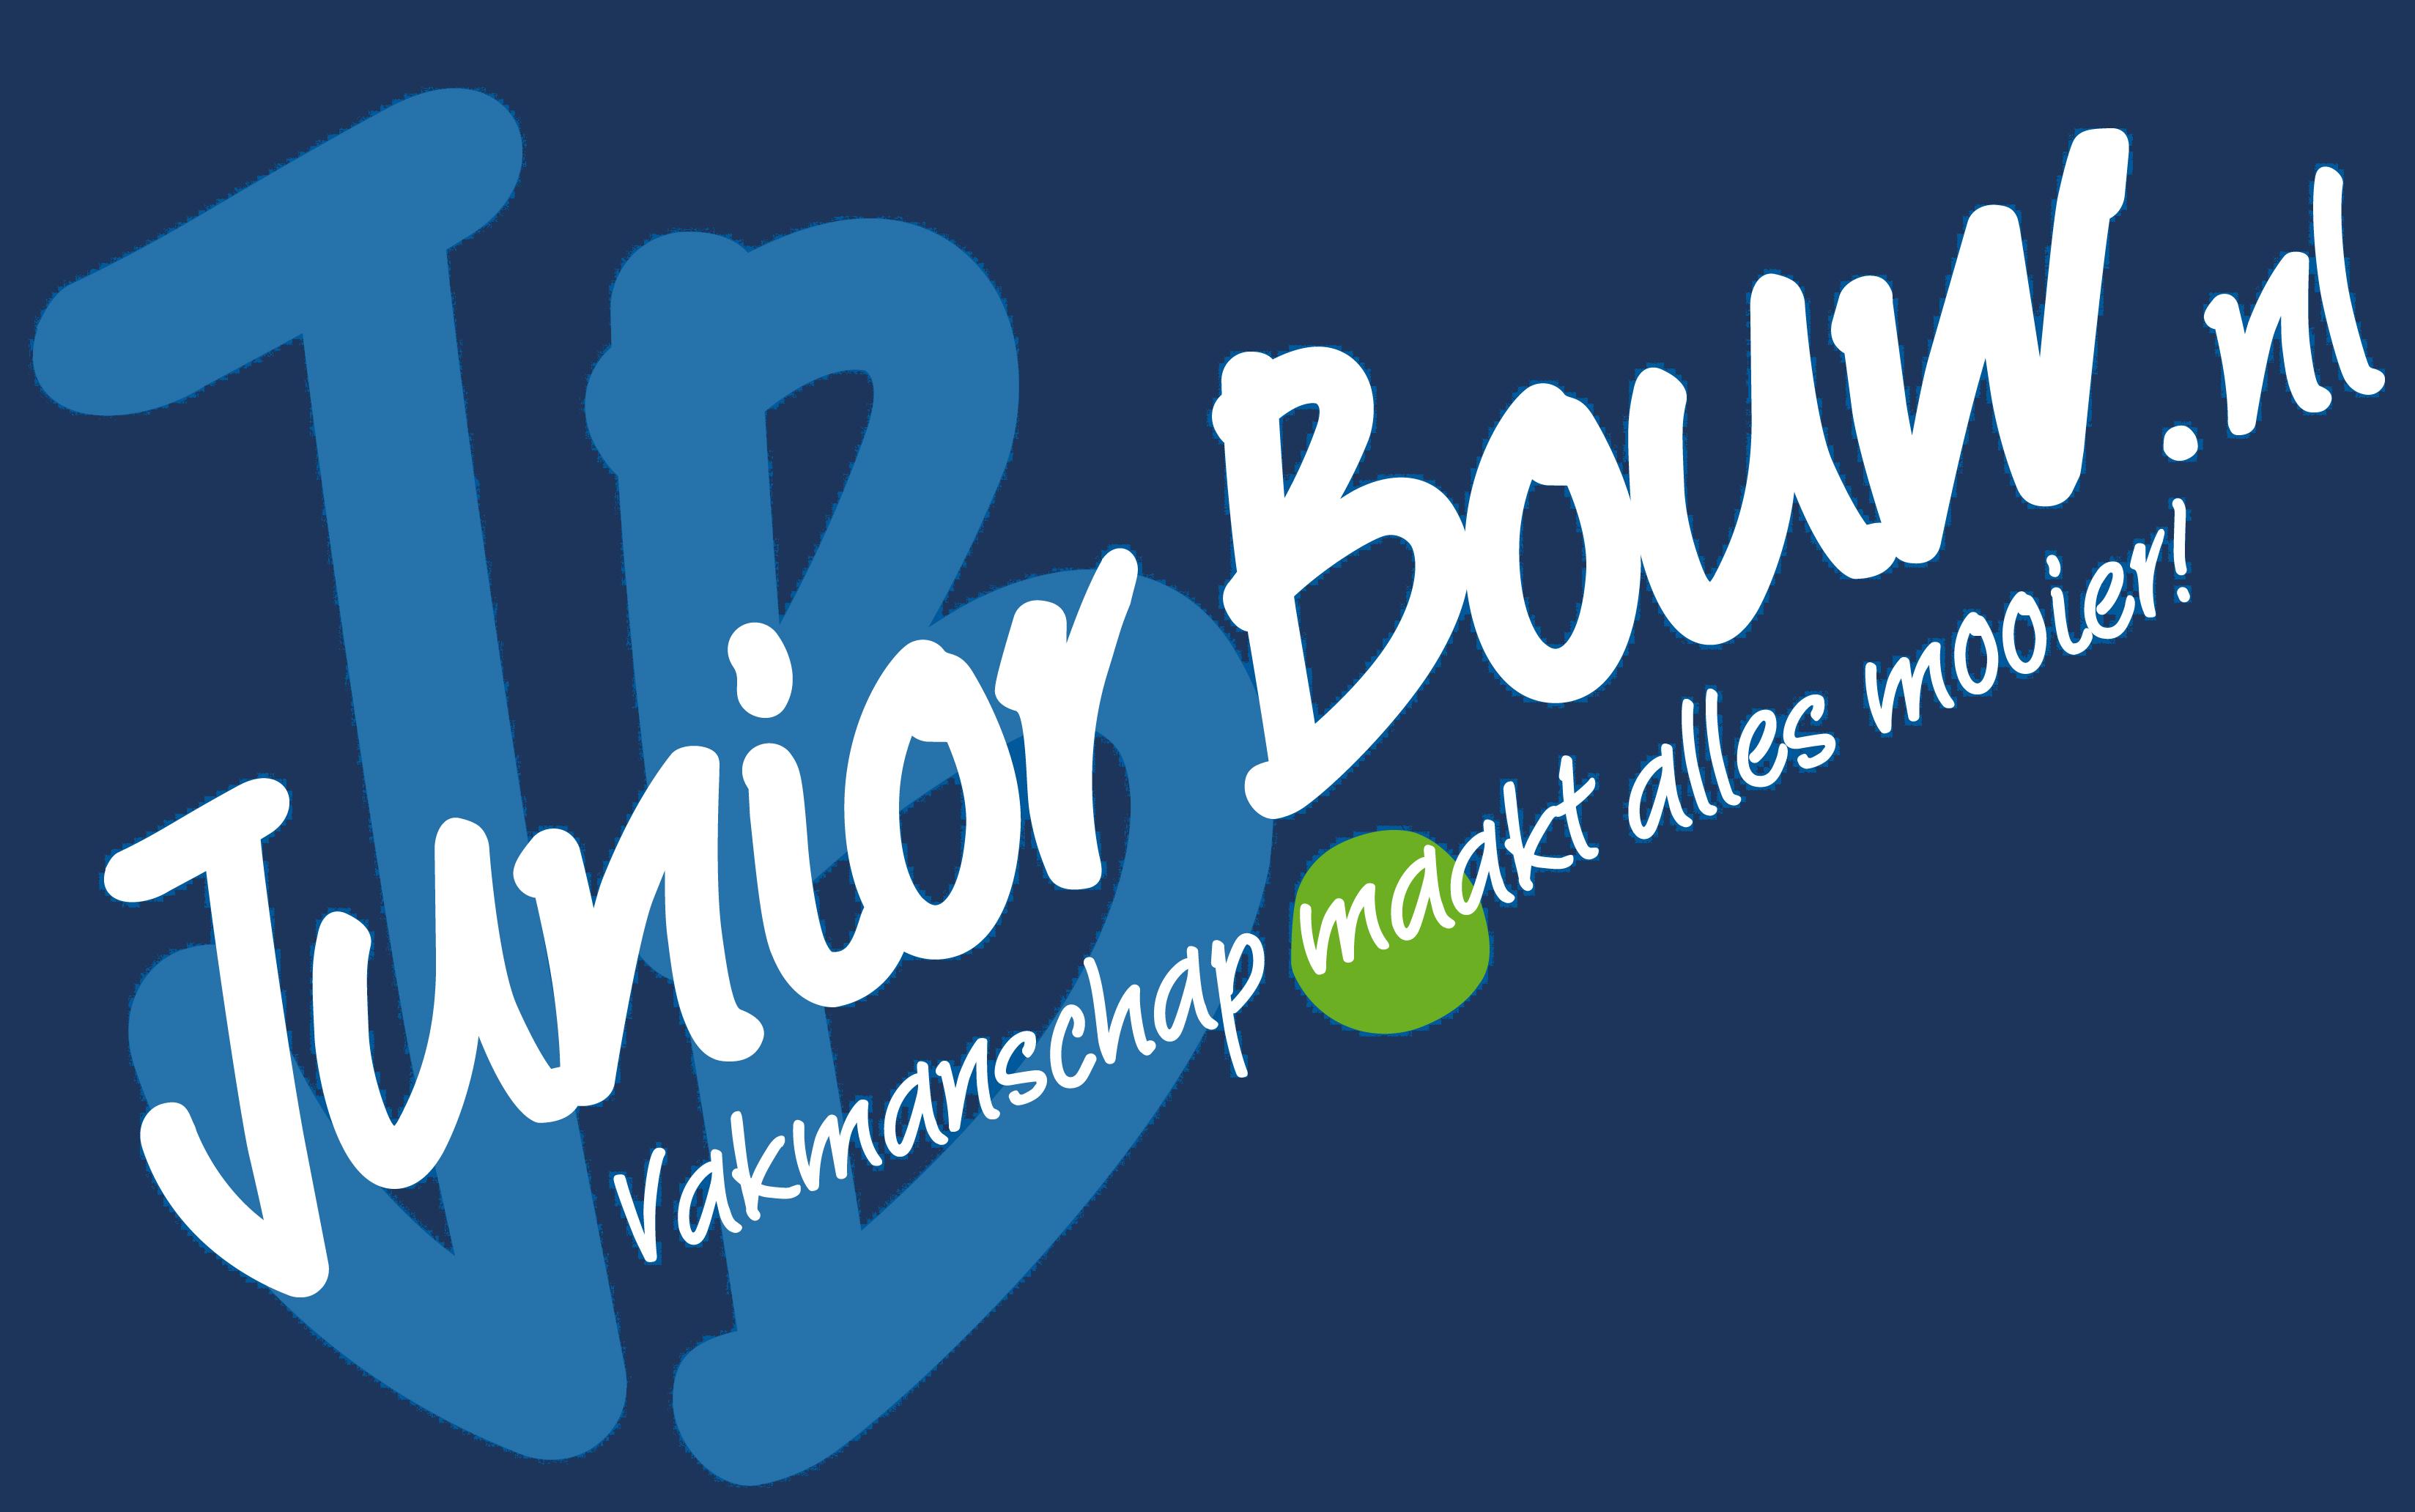 JuniorBouw.nl | JuniorBouw – Meubelmakerij, timmerwerk en totaalprojecten in Schagen en omstreken